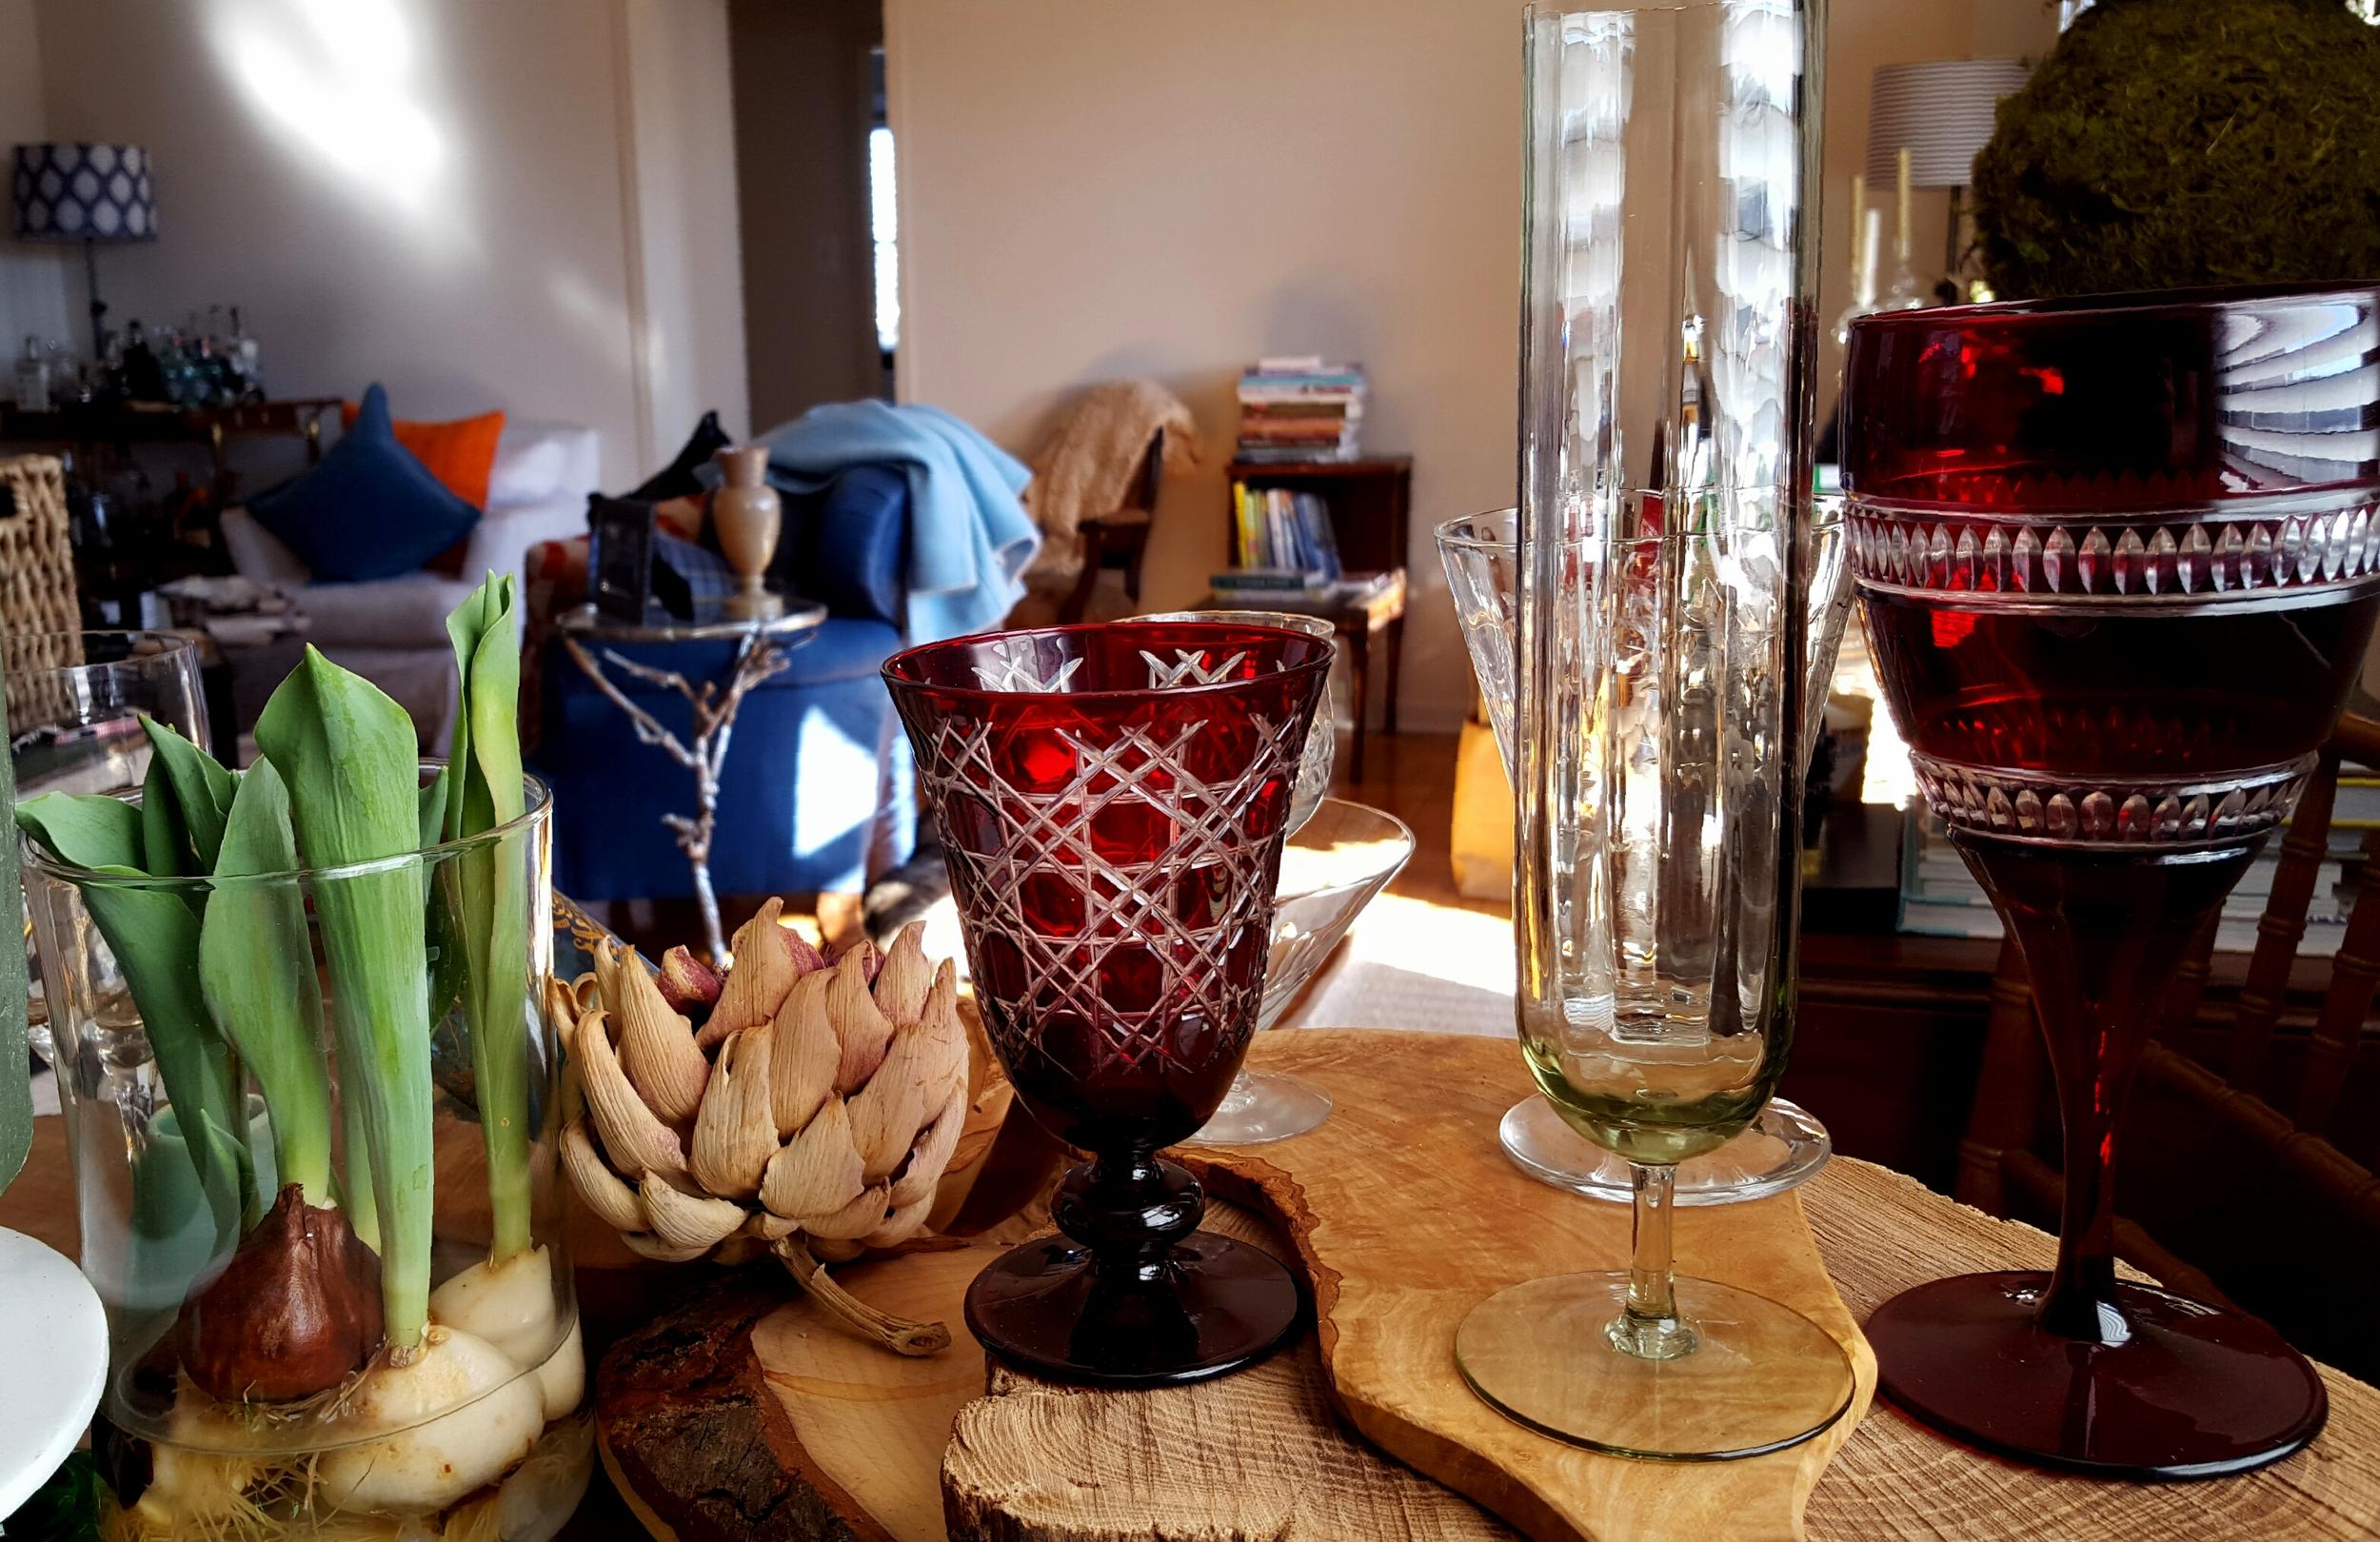 Glasses from left: Garnet Goblet, Antique Champagne Flute, and Garnet White Wine Glass.